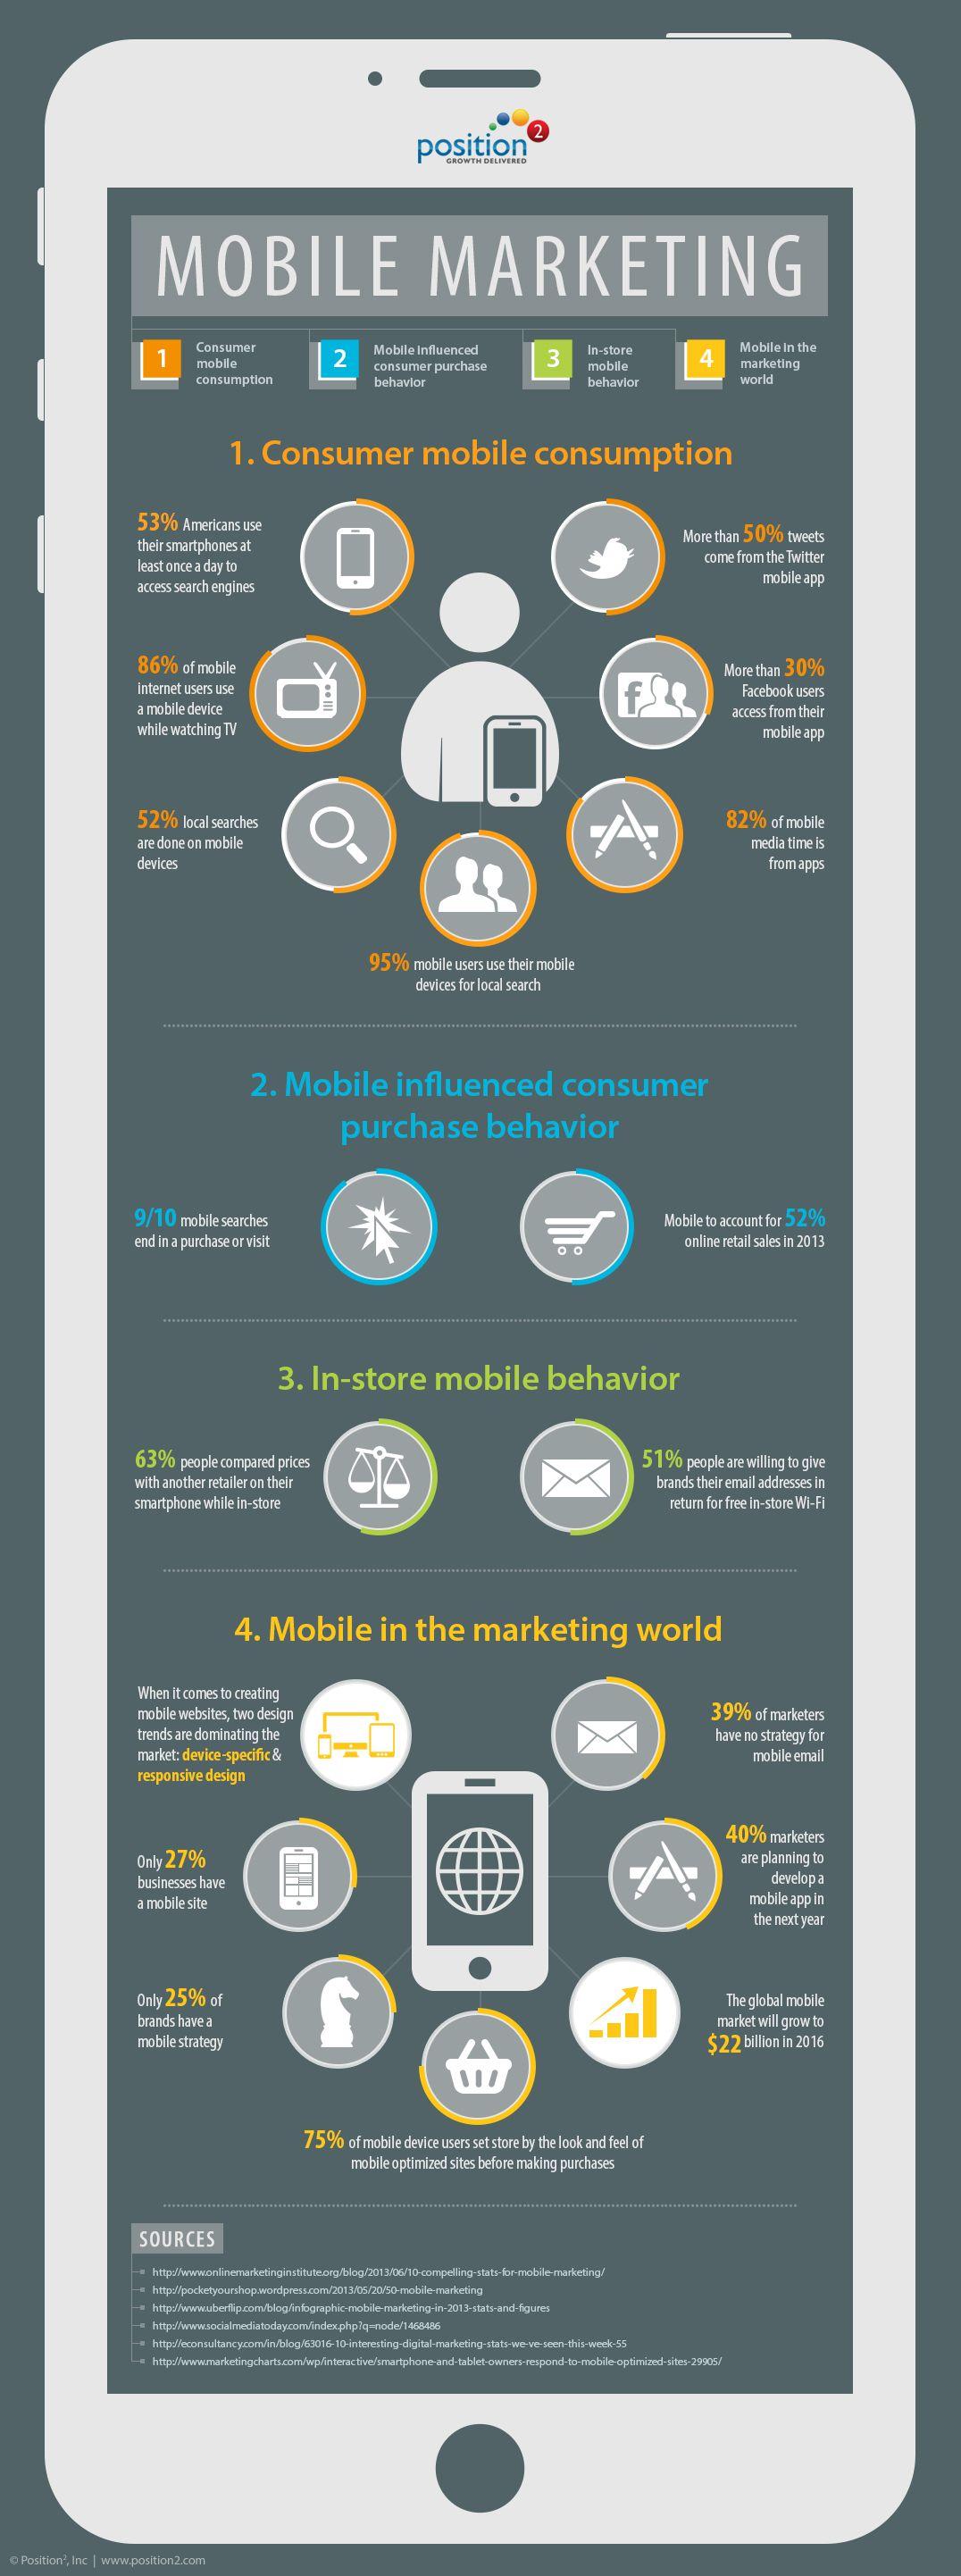 Datos acerca del marketing de móviles y la publicidad. Mobile Advertising   Propel Marketing